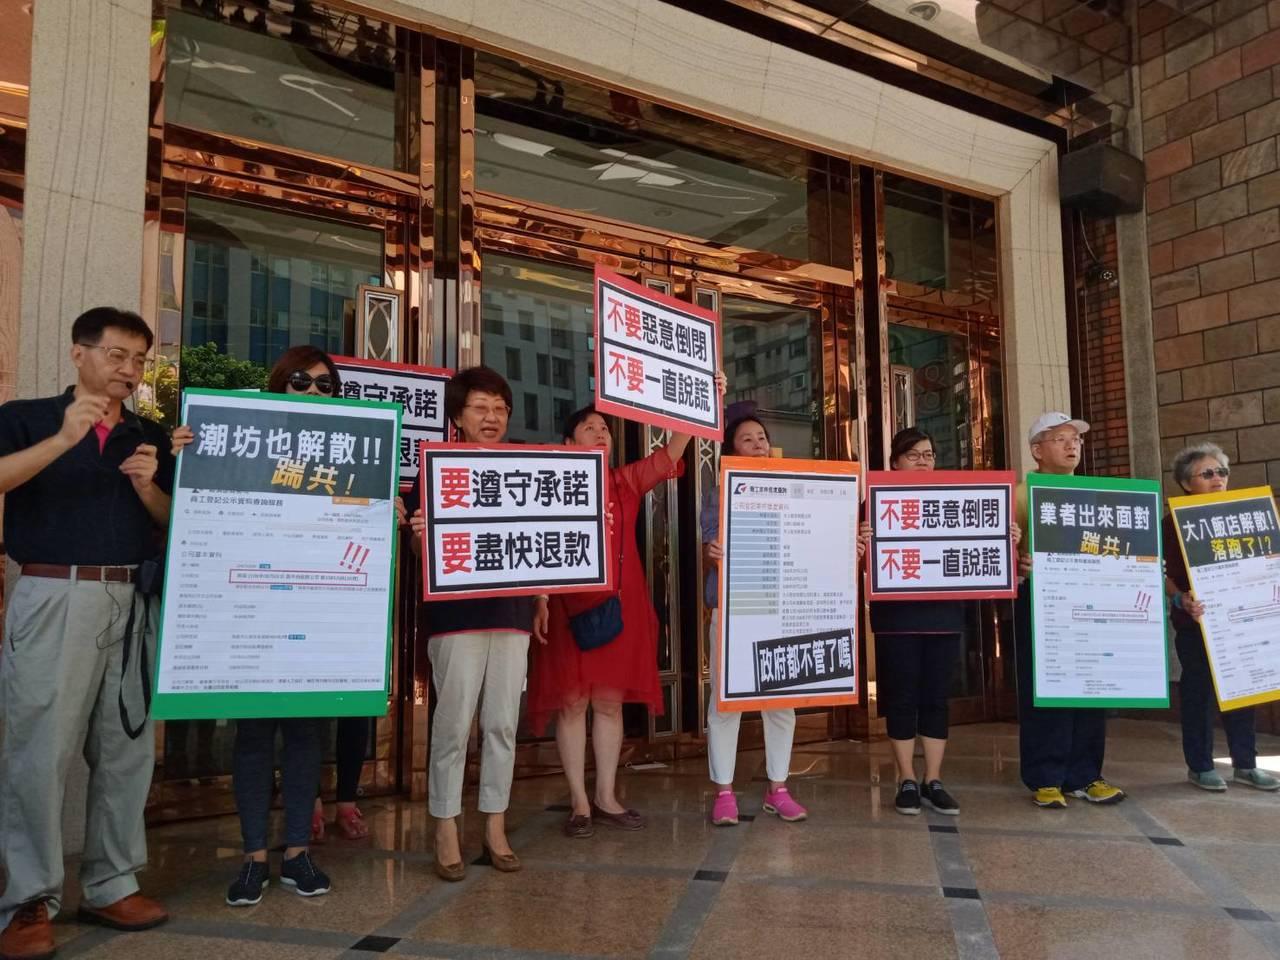 台灣消費者保護協會籲大八飯店原業者趕快出面解決消費者退費問題。記者楊濡嘉/攝影